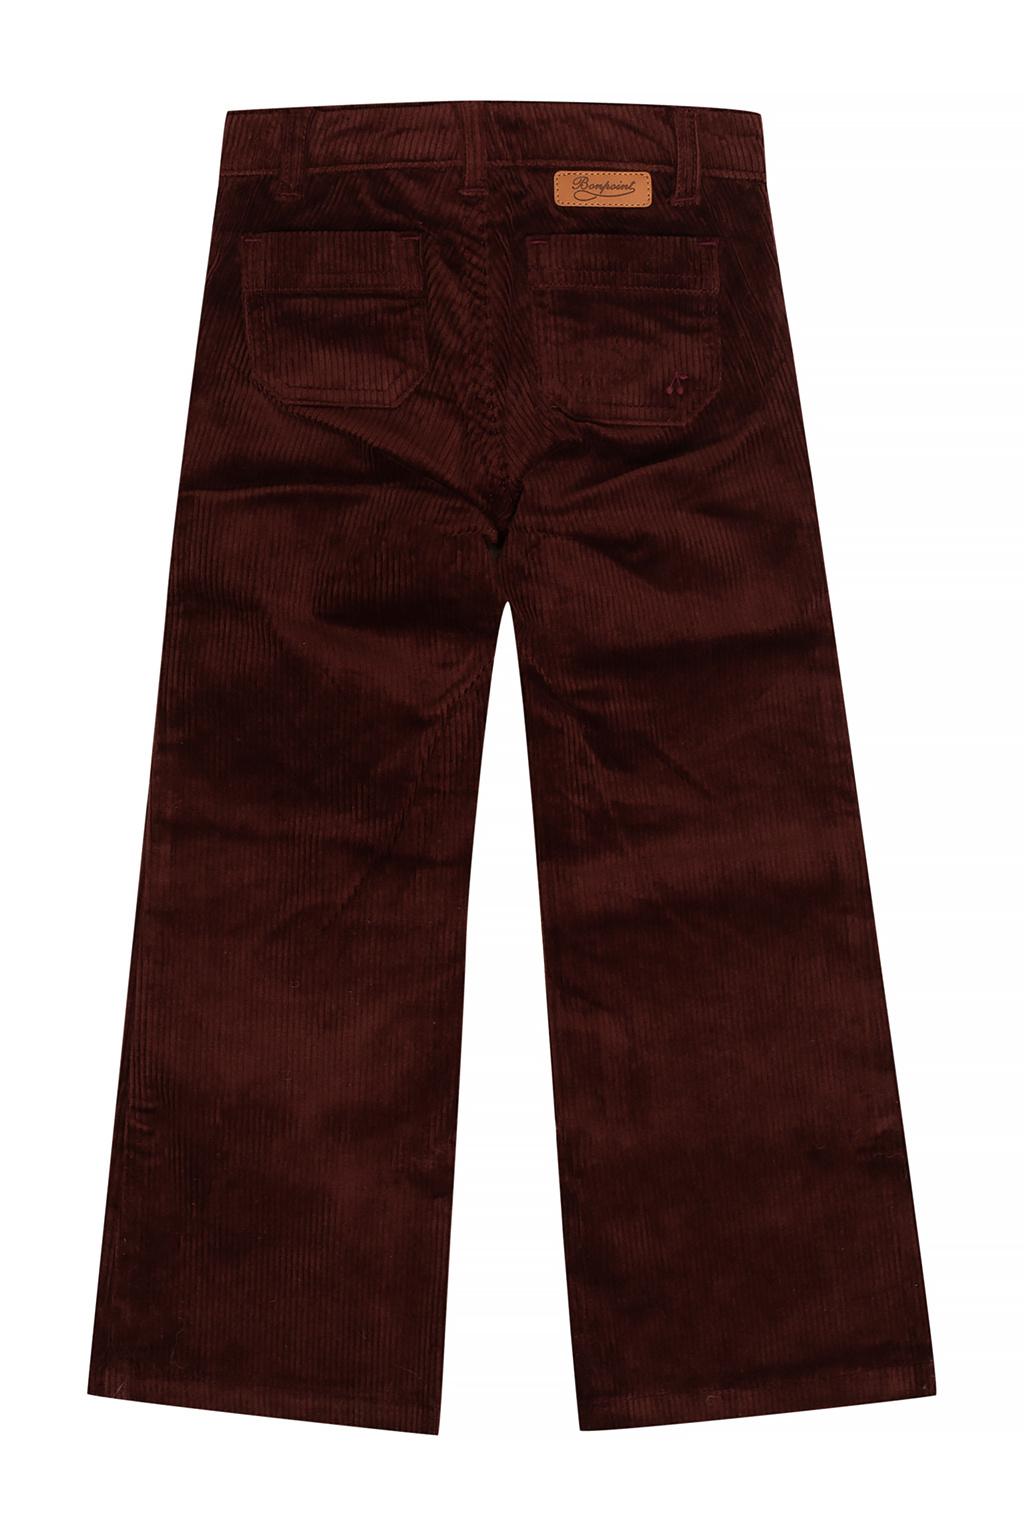 Bonpoint  Sztruksowe spodnie